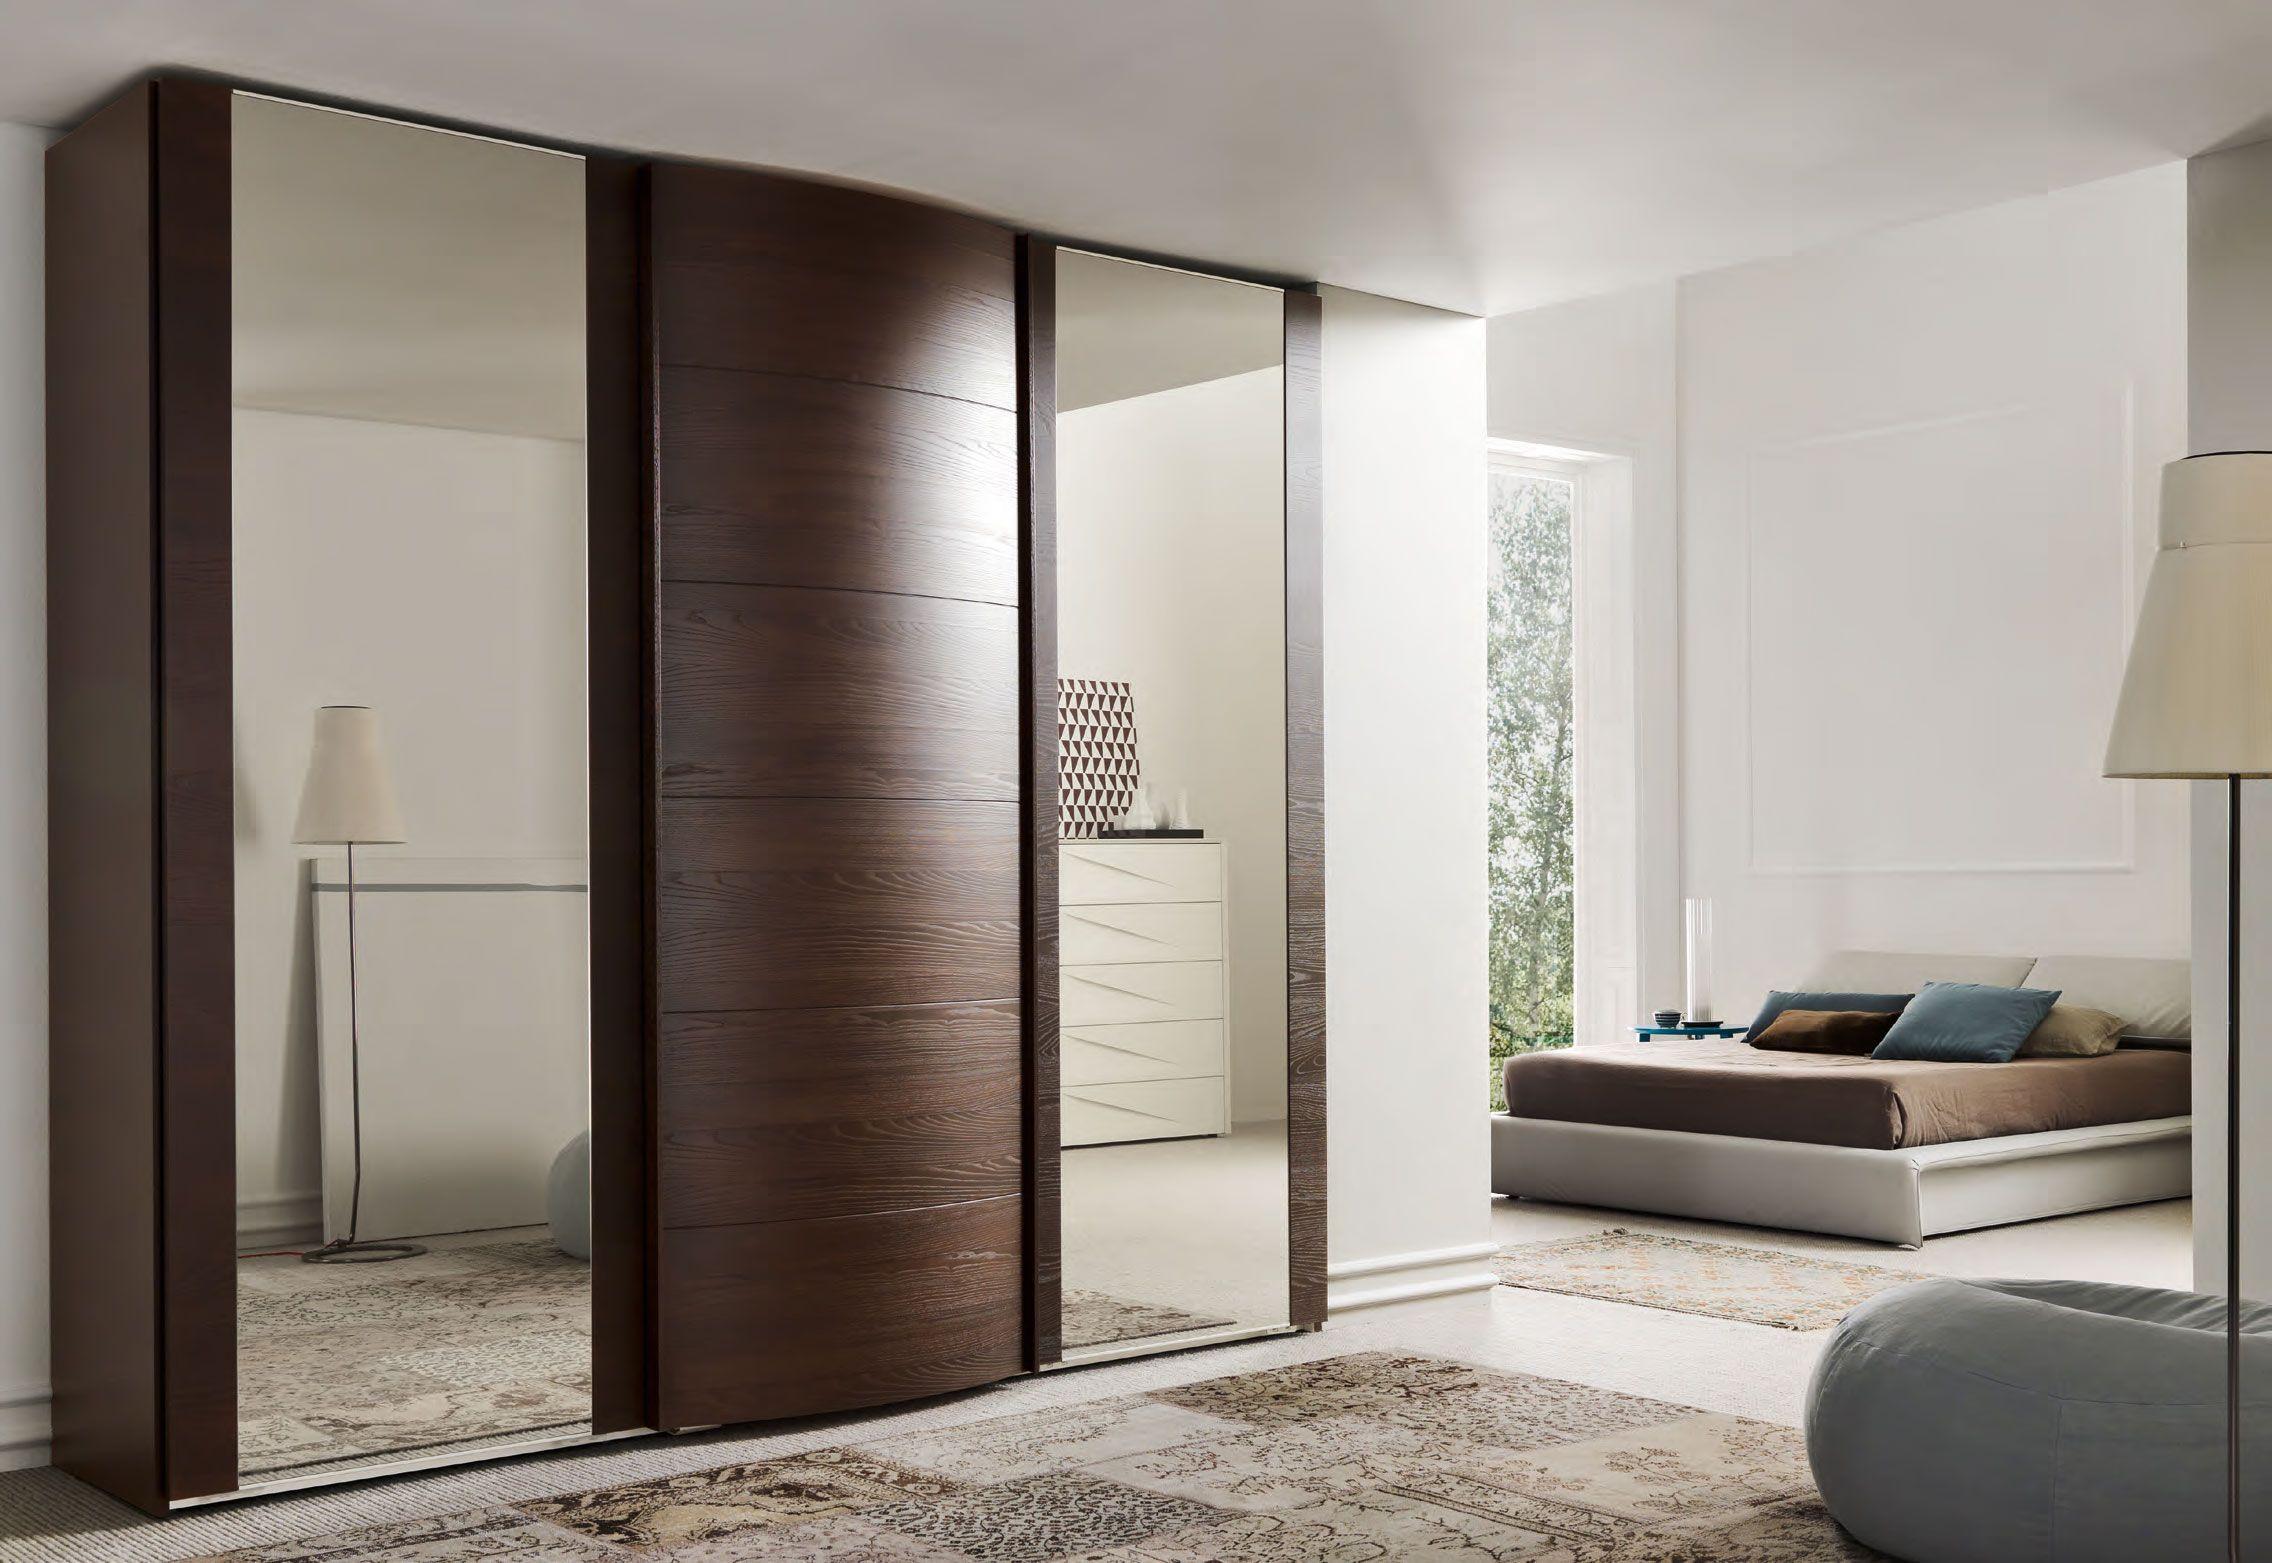 inspiring wardrobe models for bedrooms  dressing mirror tv  -  inspiring wardrobe models for bedrooms